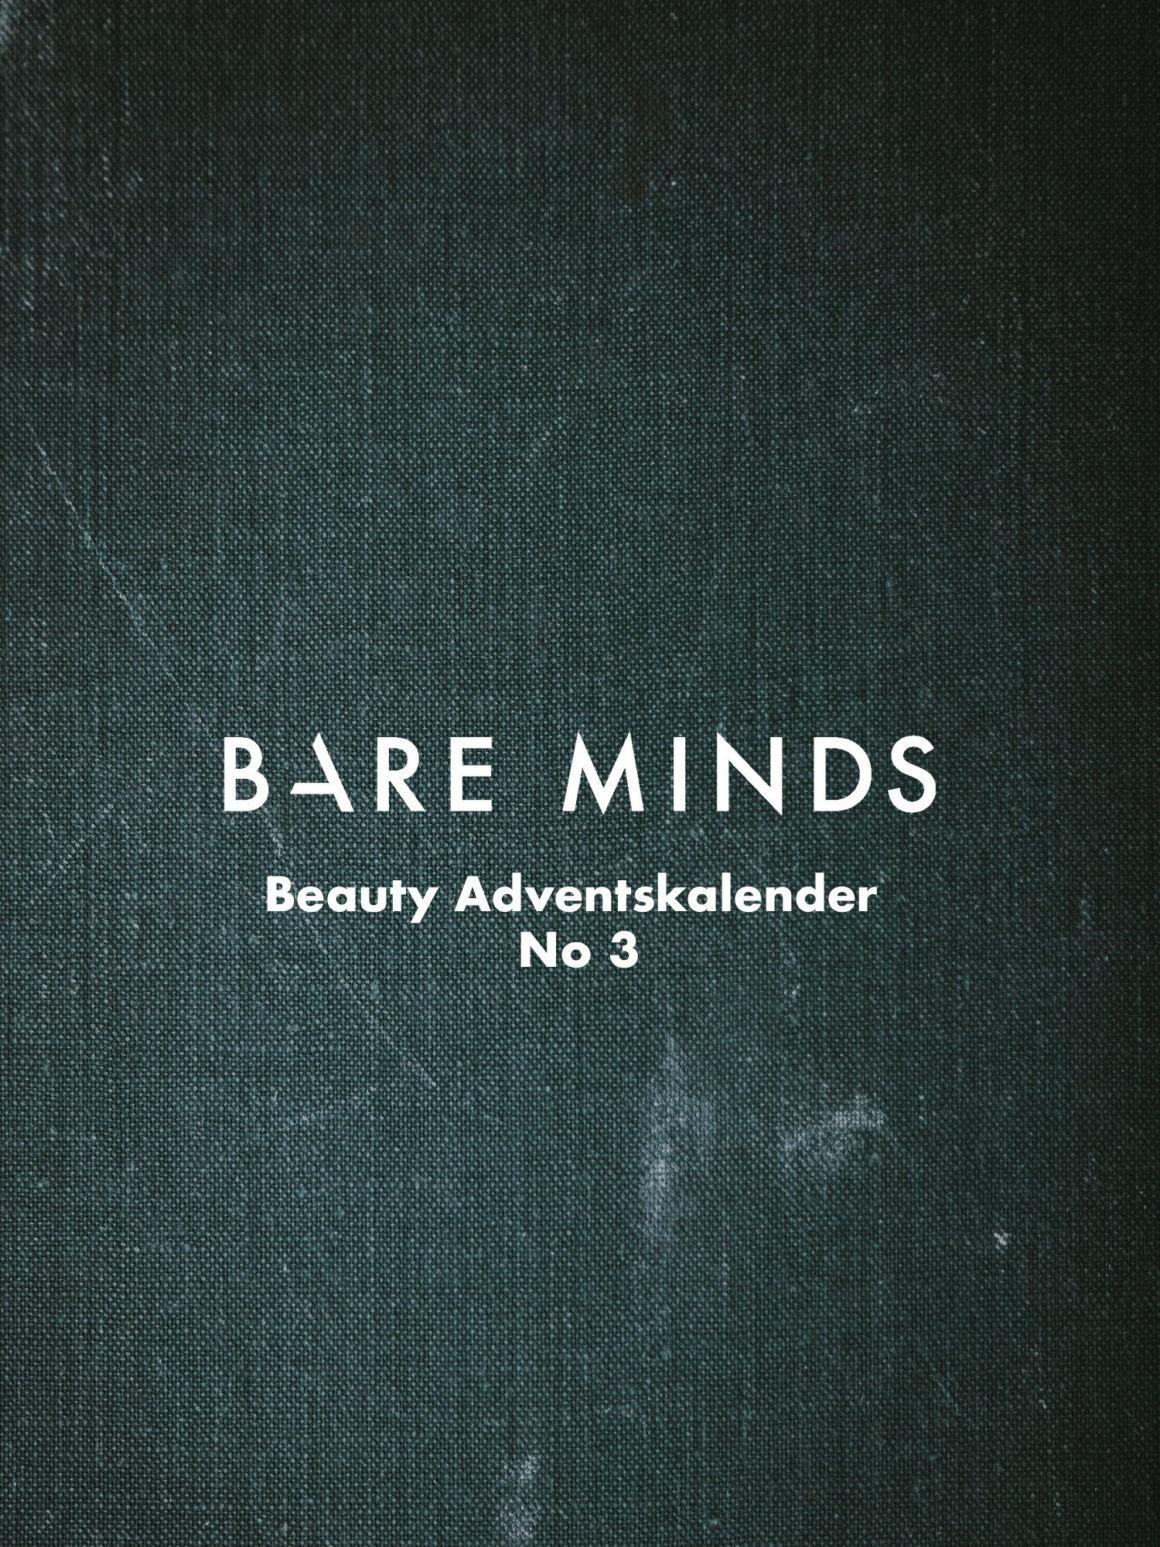 Bare Minds Beauty Adventskalender 2019 03_